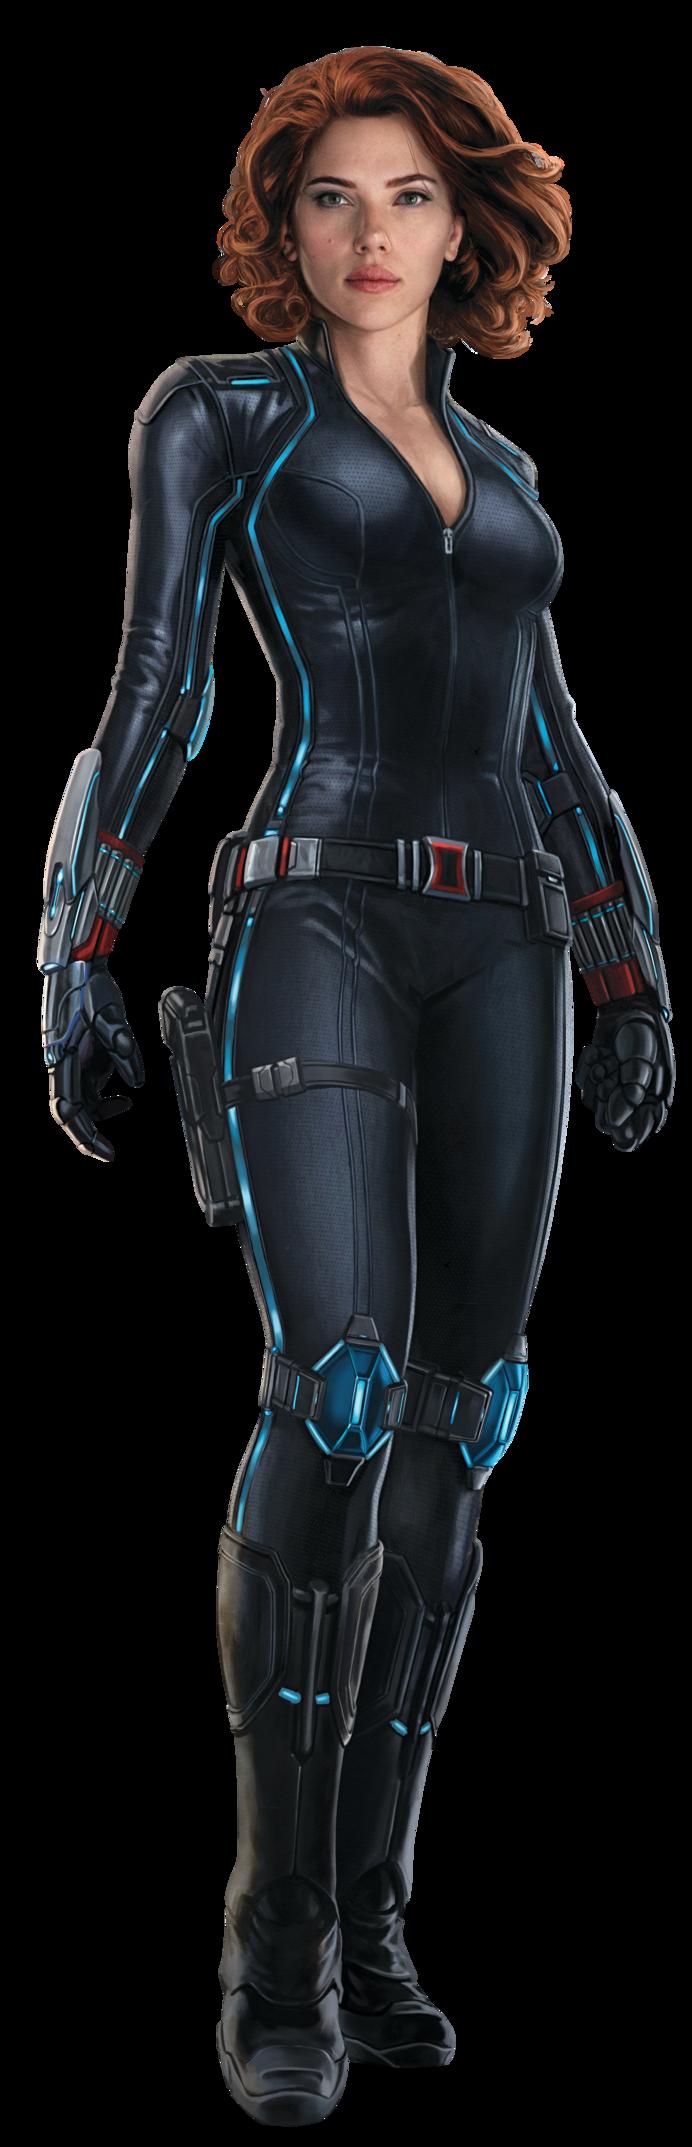 Black Widow | Disney Wiki | Fandom powered by Wikia